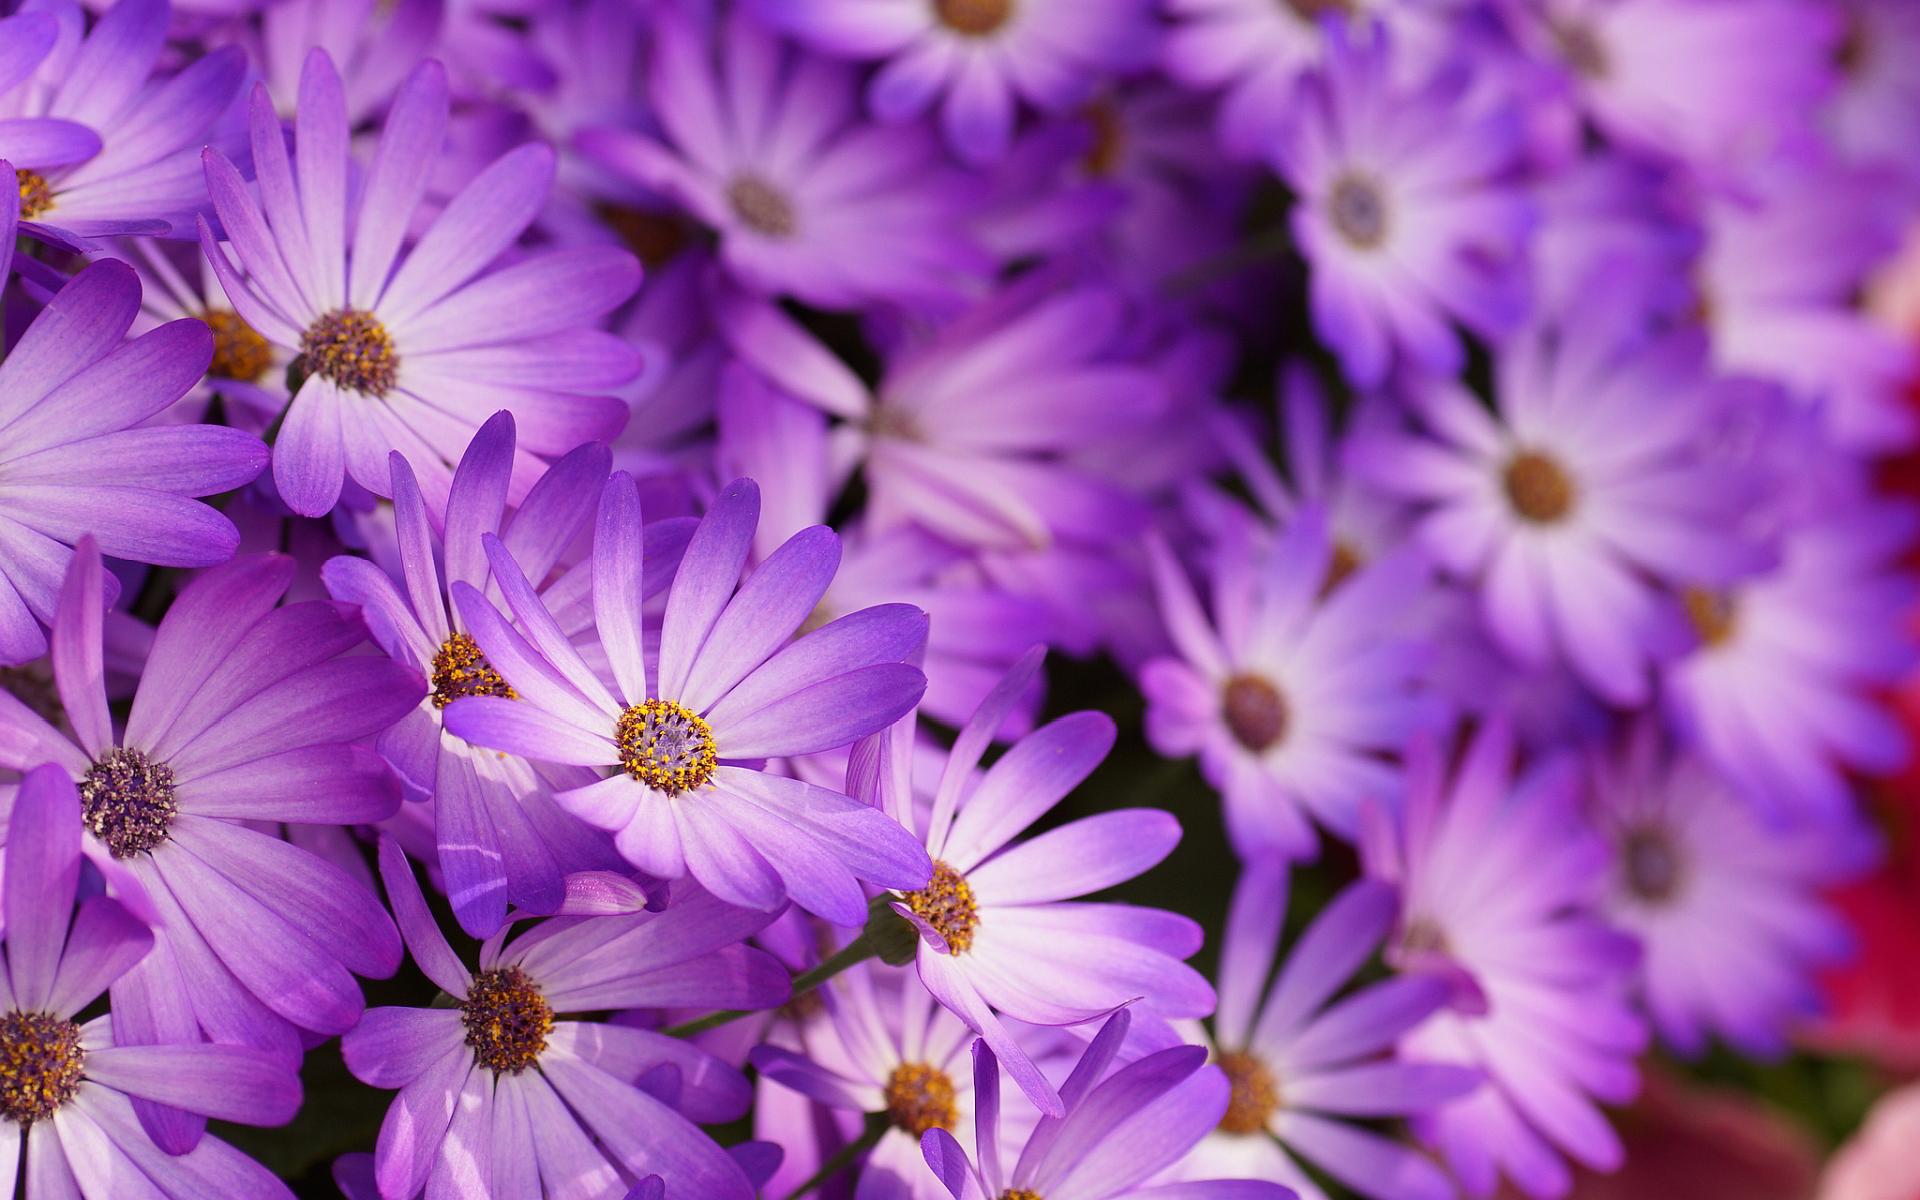 purple-flower-essence-wallpaper